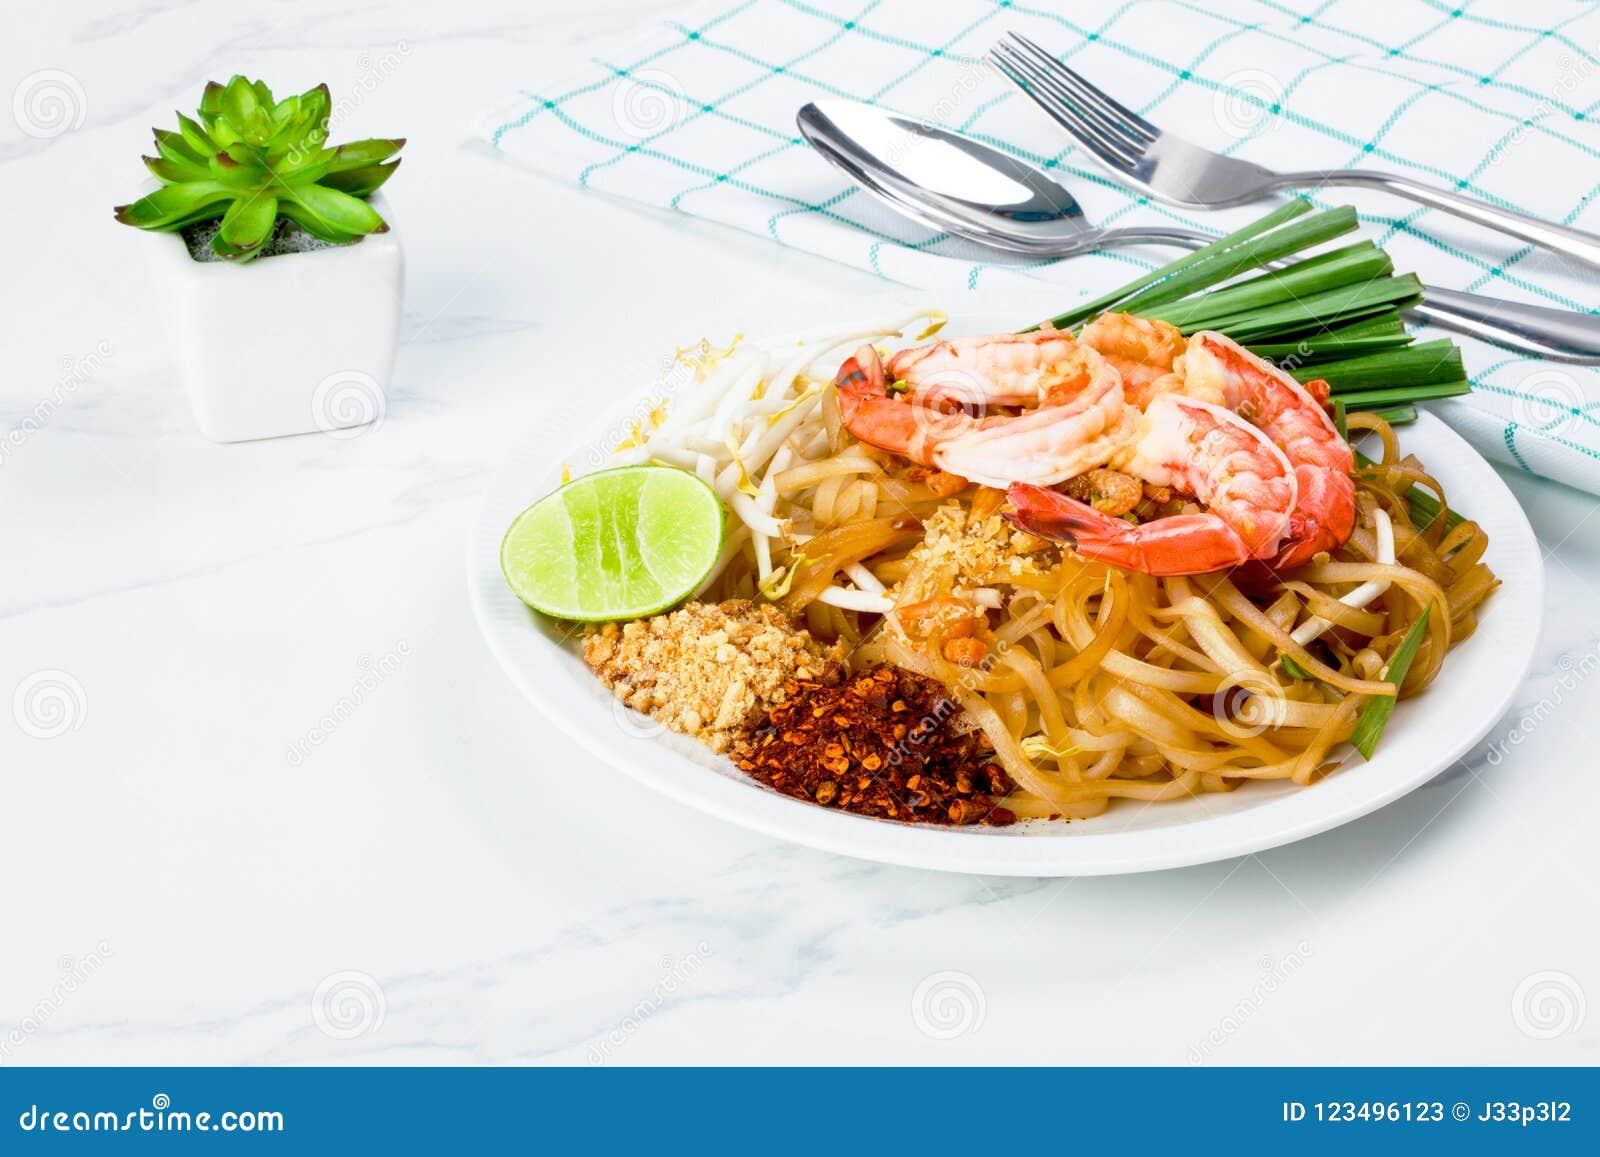 Stir fried pad thai noodle with shrimp